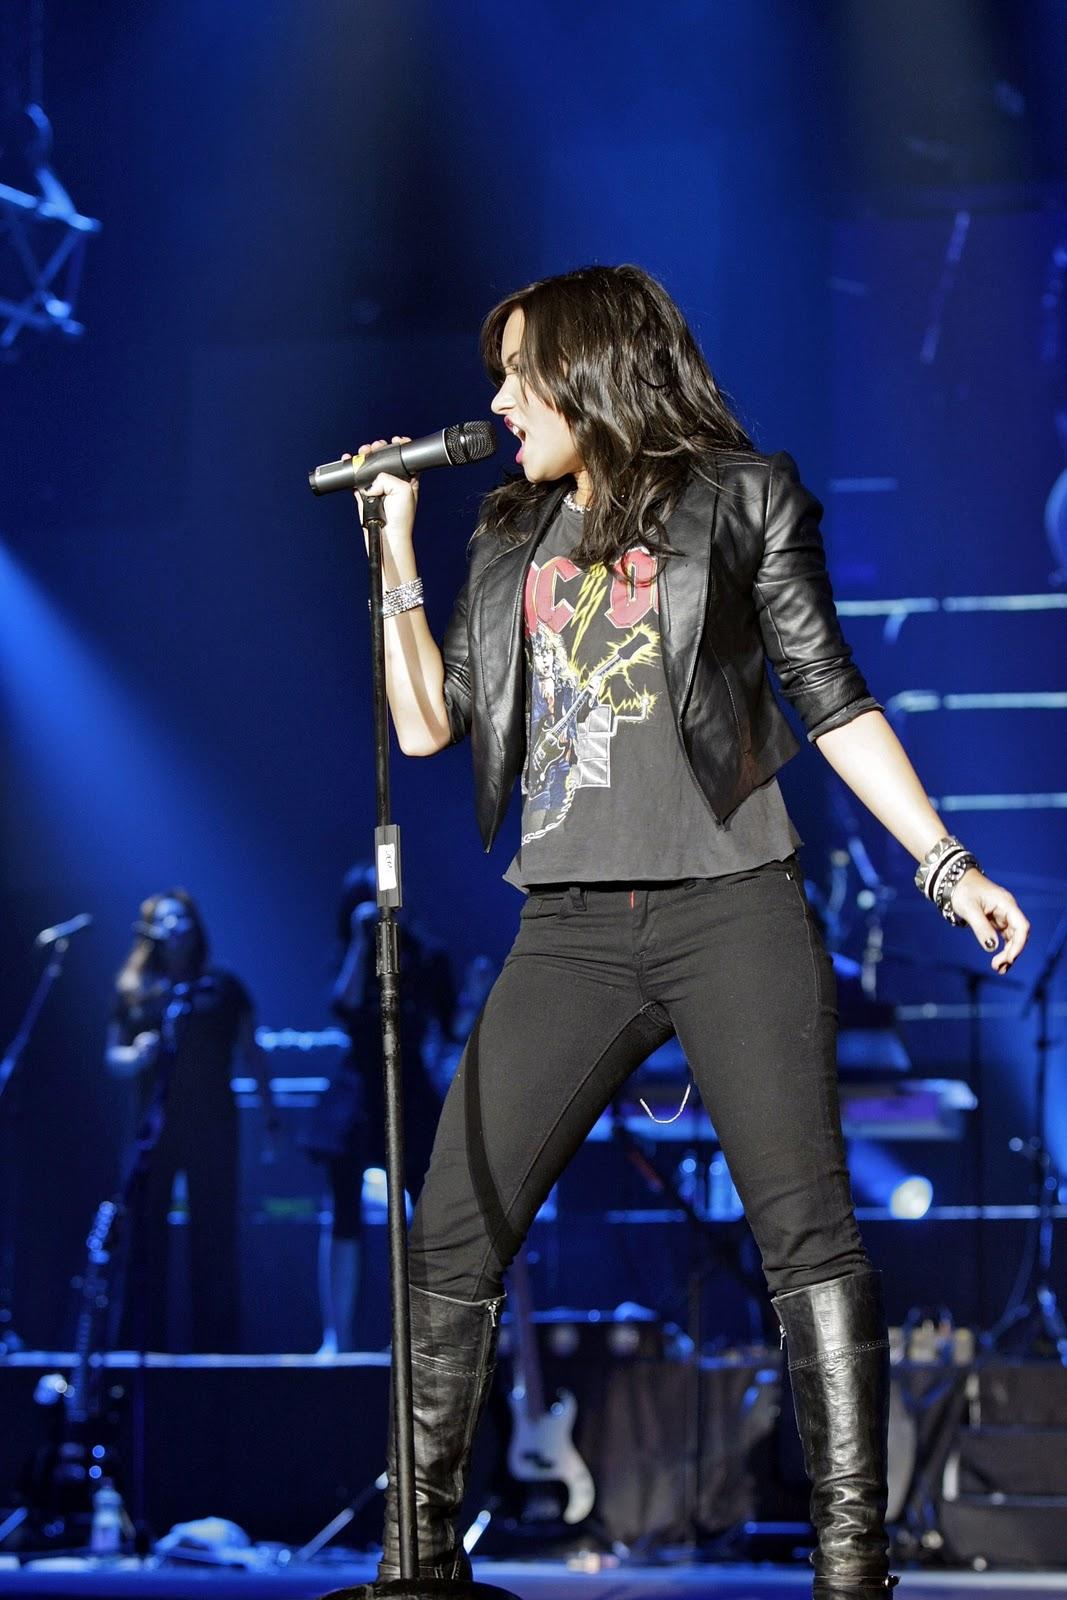 http://1.bp.blogspot.com/_LRzFEyAOGAA/TQCkWug1ogI/AAAAAAAADlI/VFWpTZqE9Sk/s1600/DemiLovato_Wembley_Concert_12.jpg